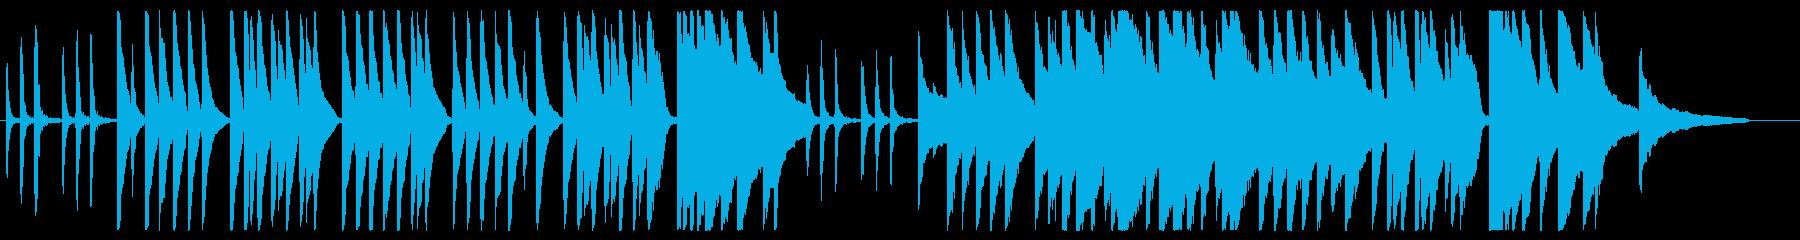 かごめかごめ ピアノver.の再生済みの波形